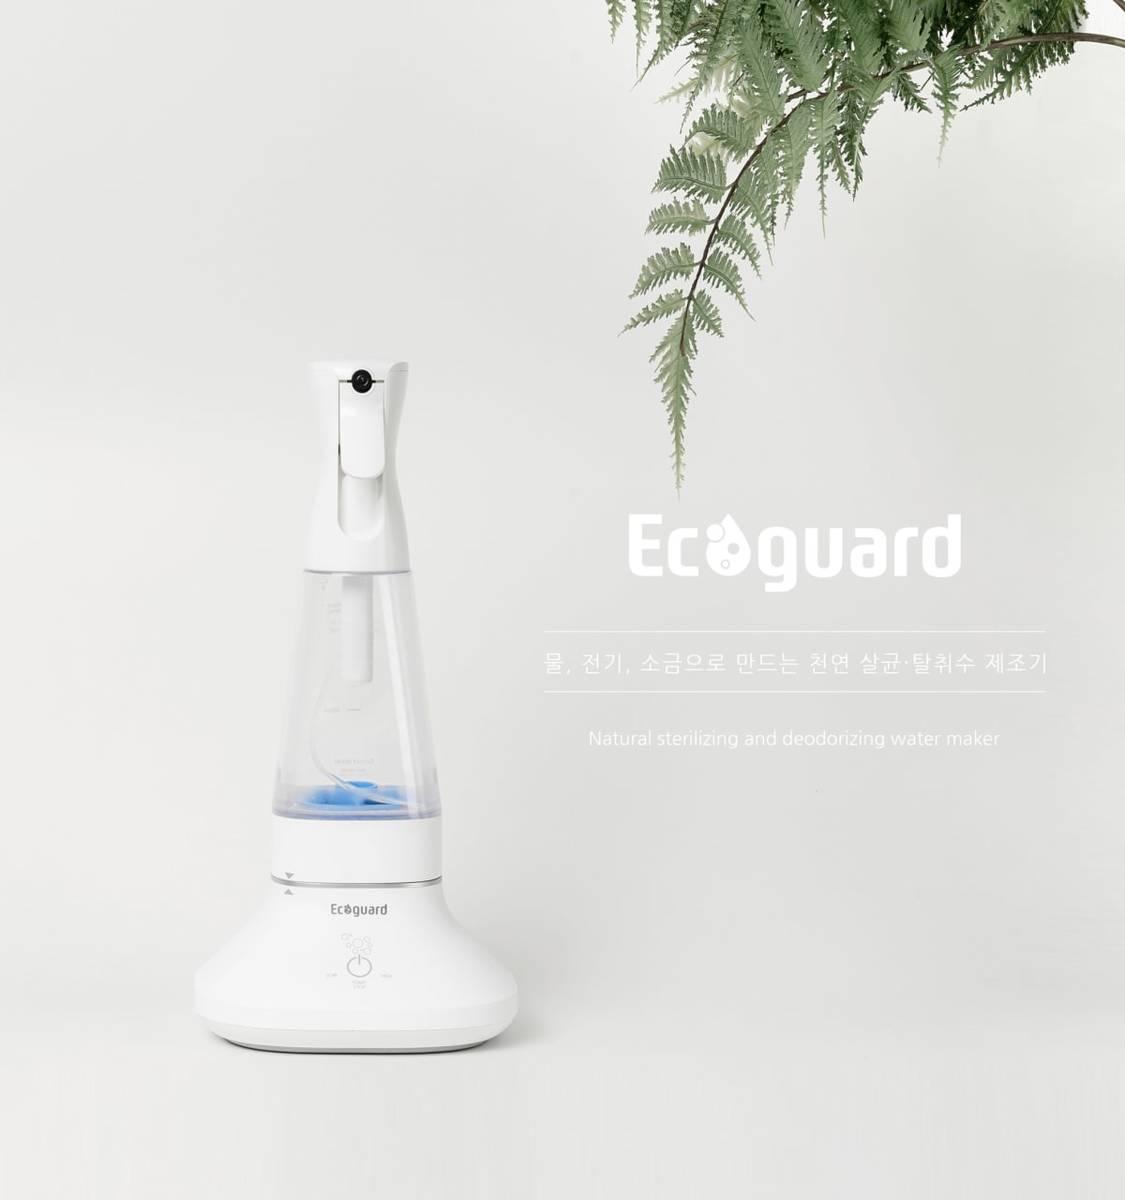 韓國Ecoguard - 天然殺菌消毒除臭水製造器 / 香港行貨